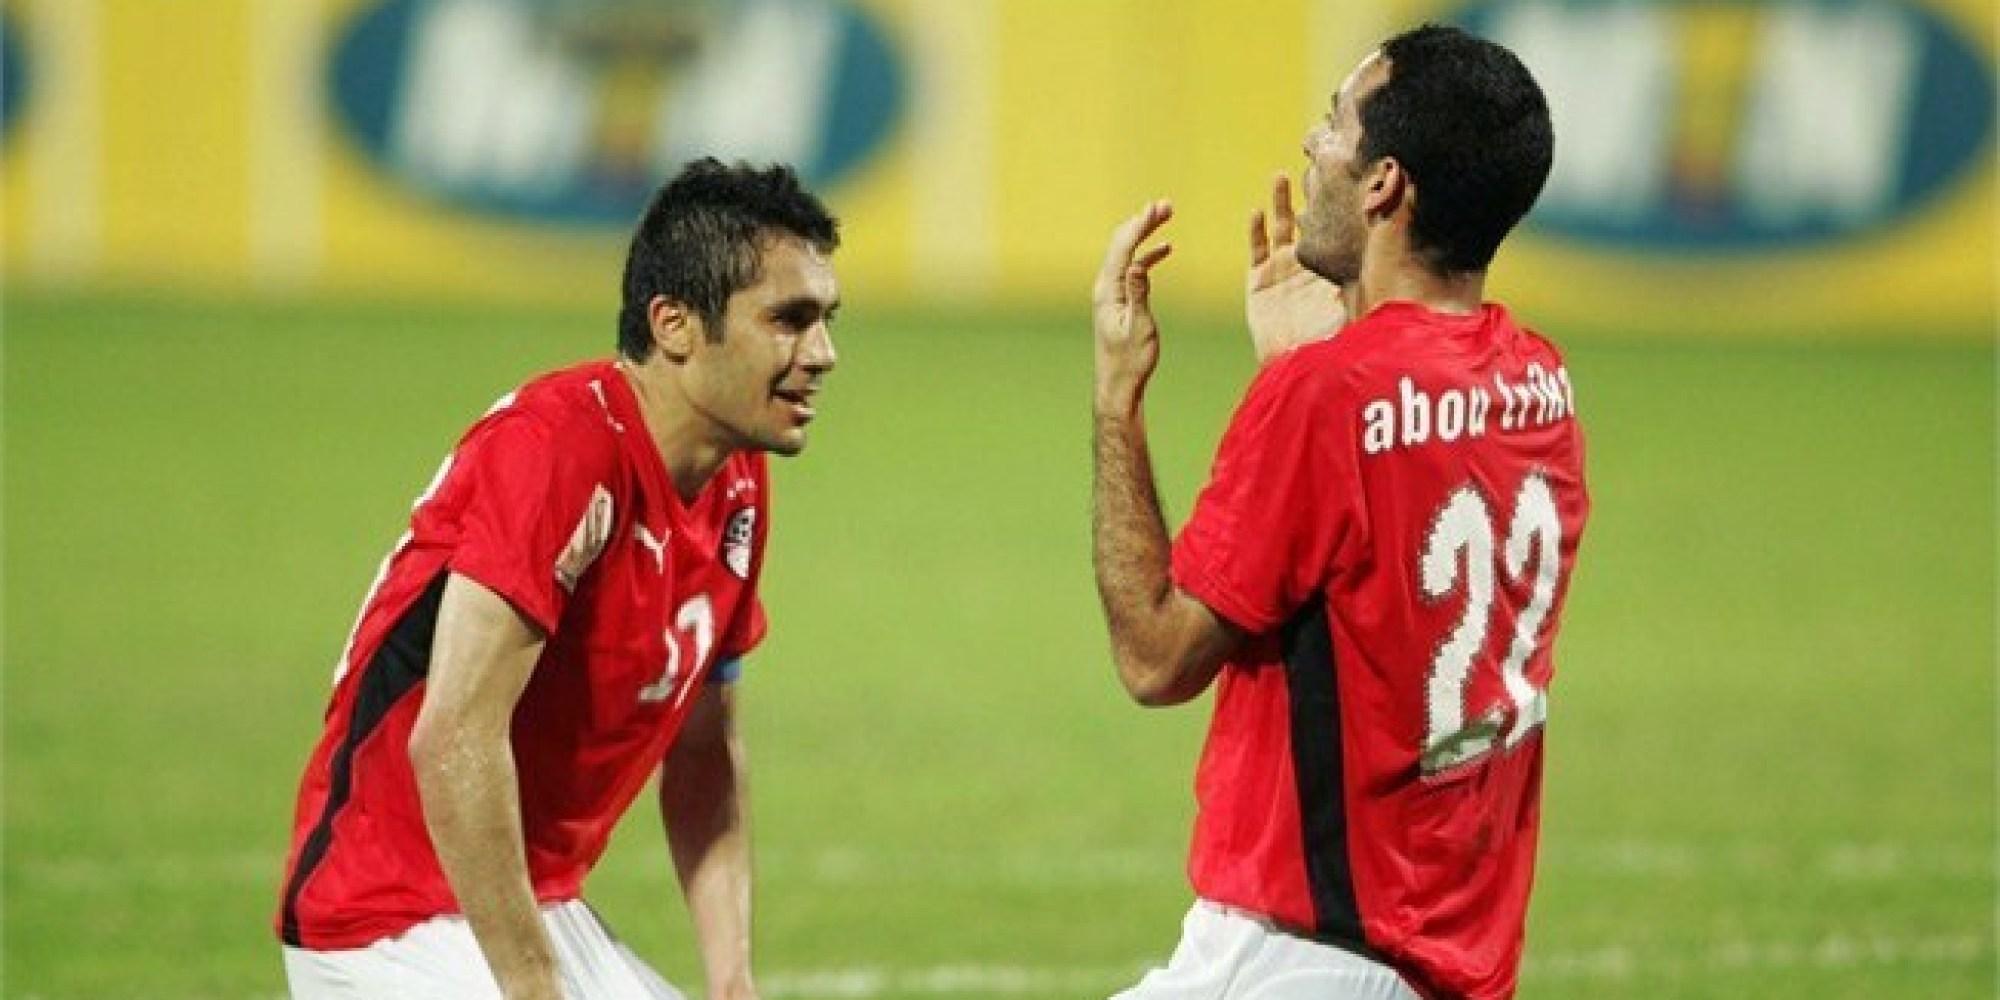 Égypte: L'ancien footballeur Aboutrika désormais sur la liste des «terroristes»